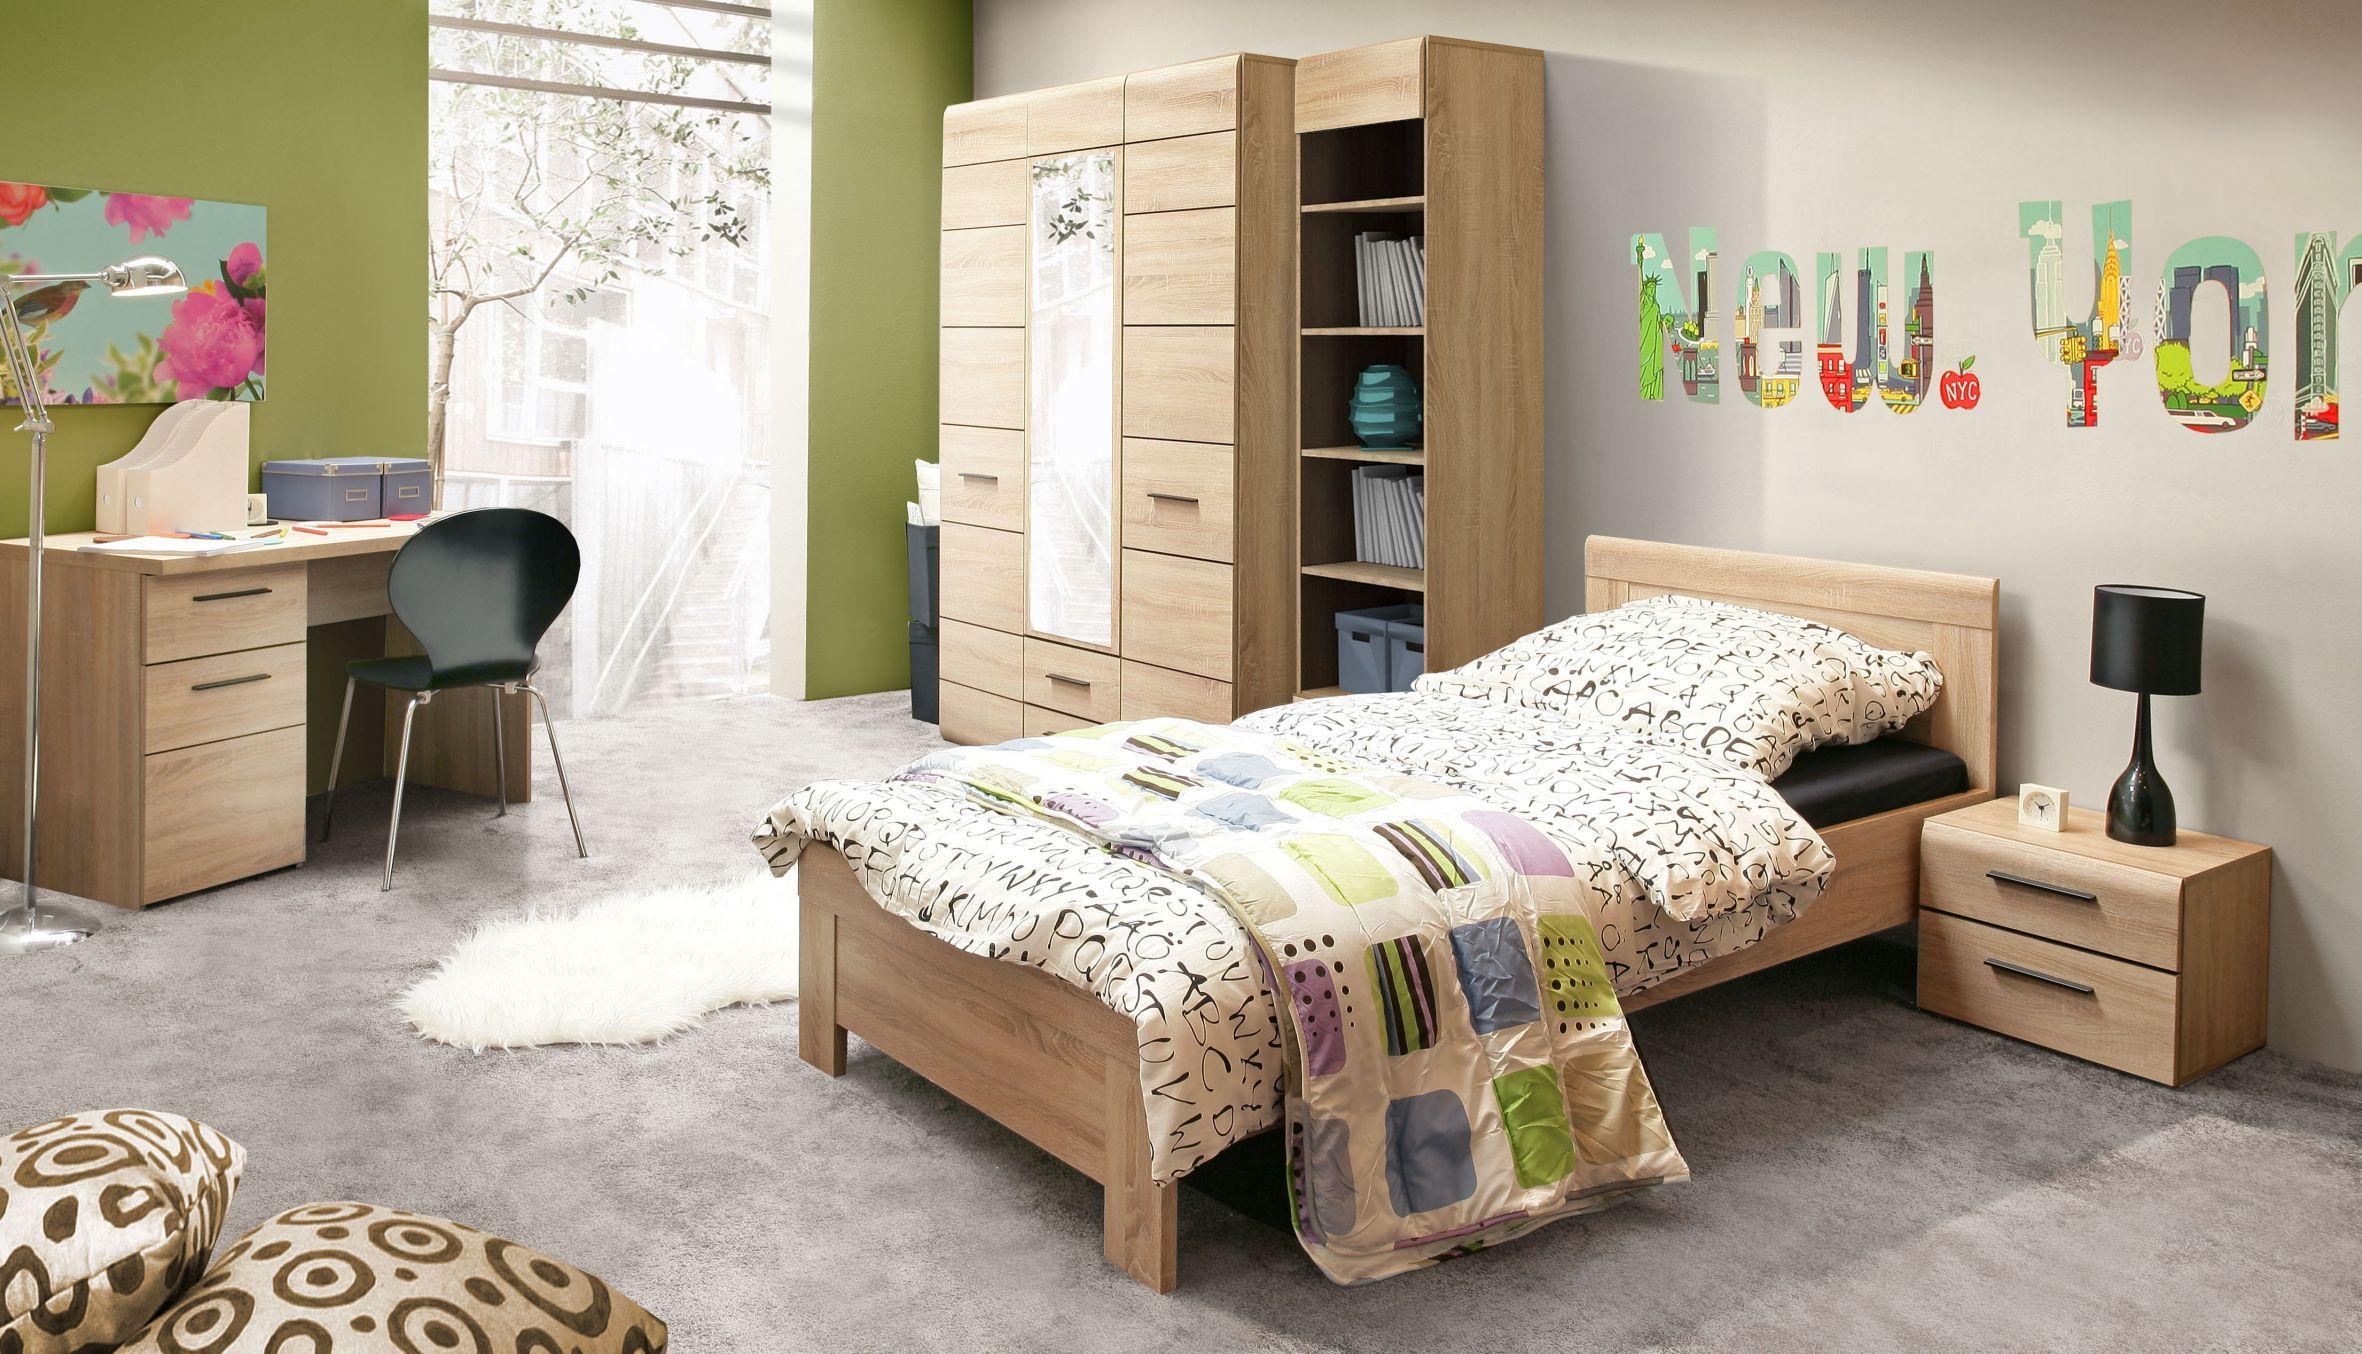 Full Size of Jugendzimmer Bett Cora Iii Das Groszlige Jugendzimmerbett Box Spring Nussbaum Flexa Tojo V Wickelbrett Für Podest Betten 90x200 Dormiente Selber Bauen 140x200 Bett Jugendzimmer Bett